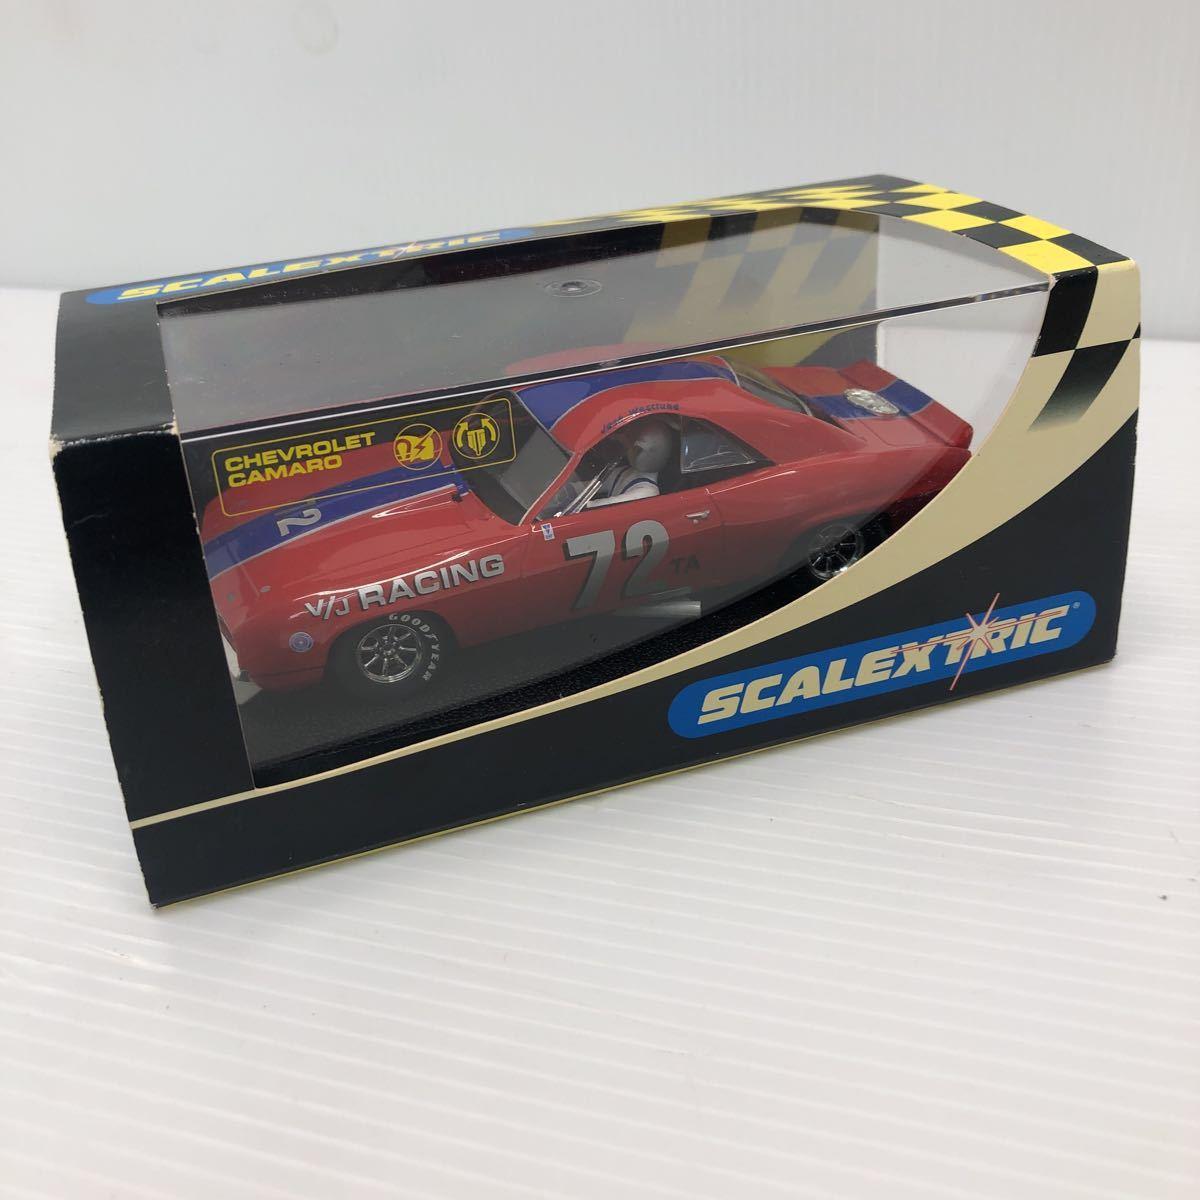 SCALEXTRIC スケーレックストリック Chevrolet CAMARO シボレー カマロ C2399 1969 NO6 スロットカー